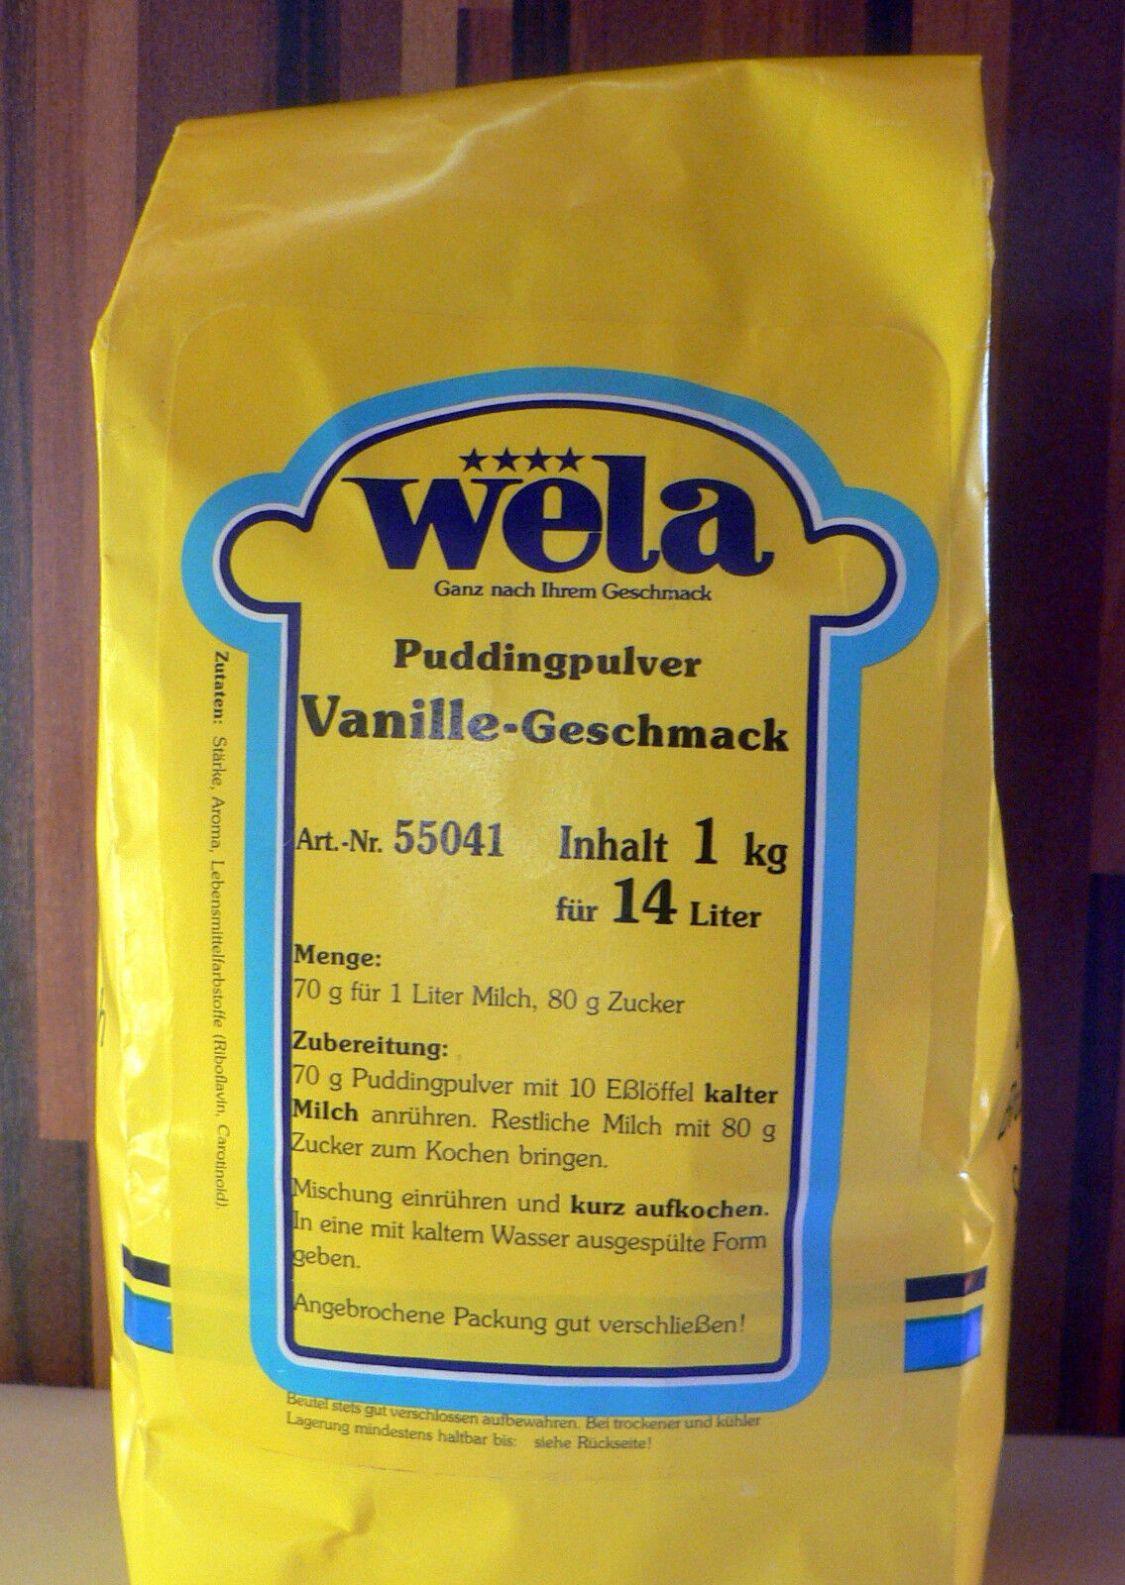 Wela-Vanille-Geschmack Puddingpulver 1 kg Beutel für 14 Liter